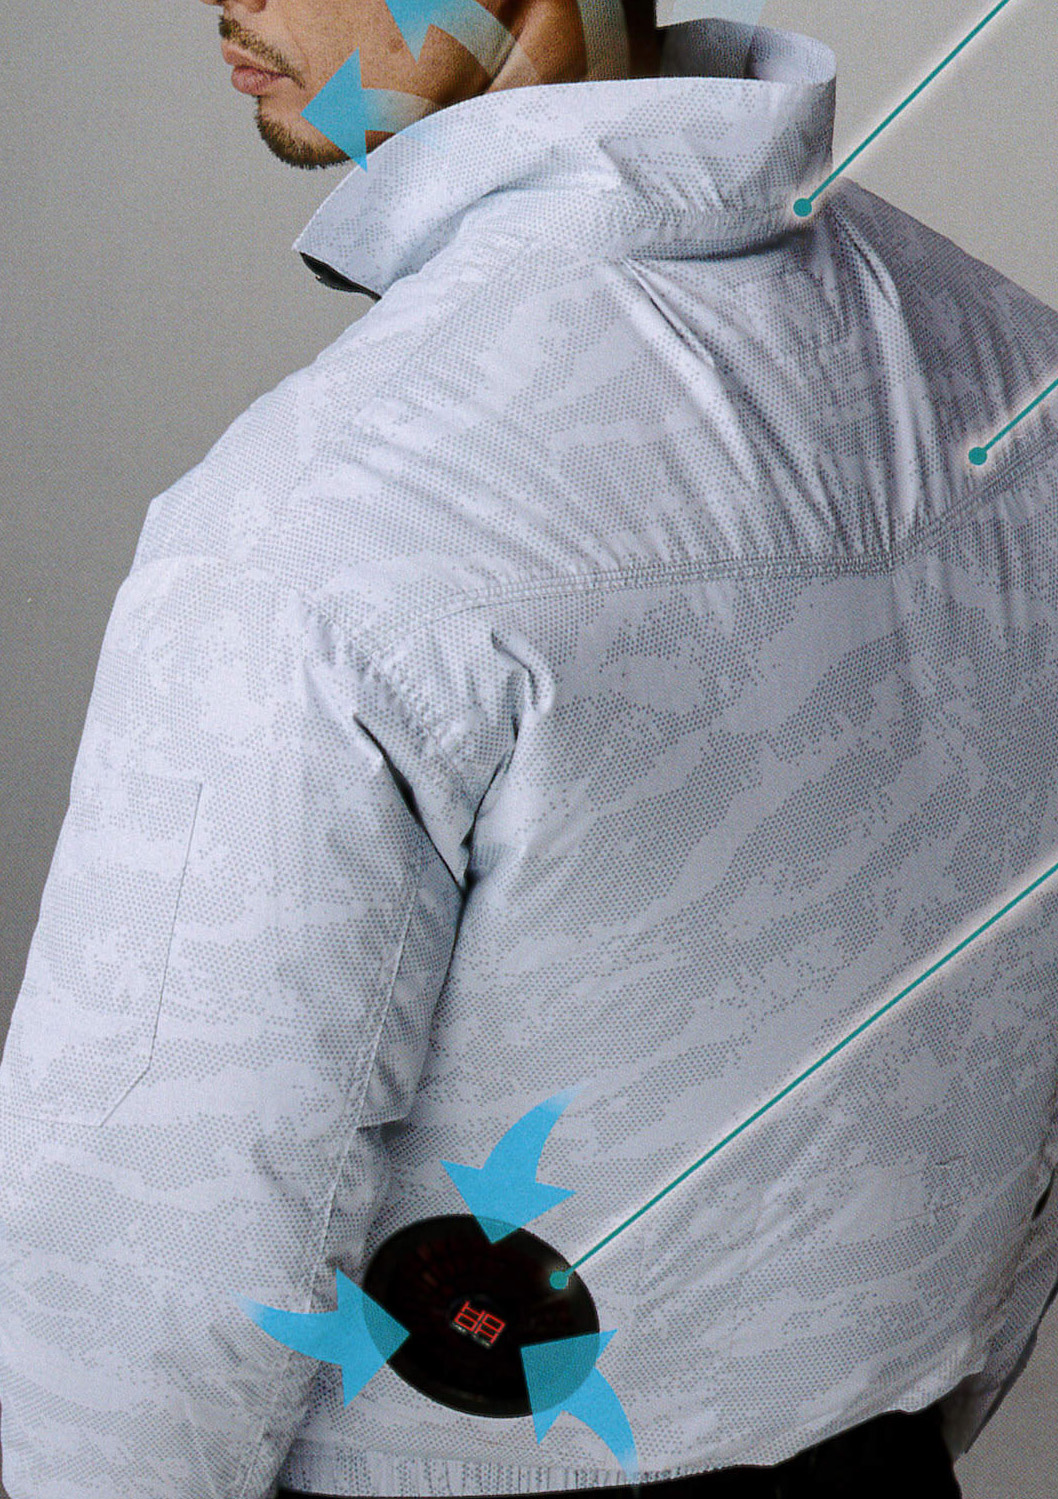 HOOH(鳳皇)の裏チタン空調服~快適ウェア~¥3,990(税込)